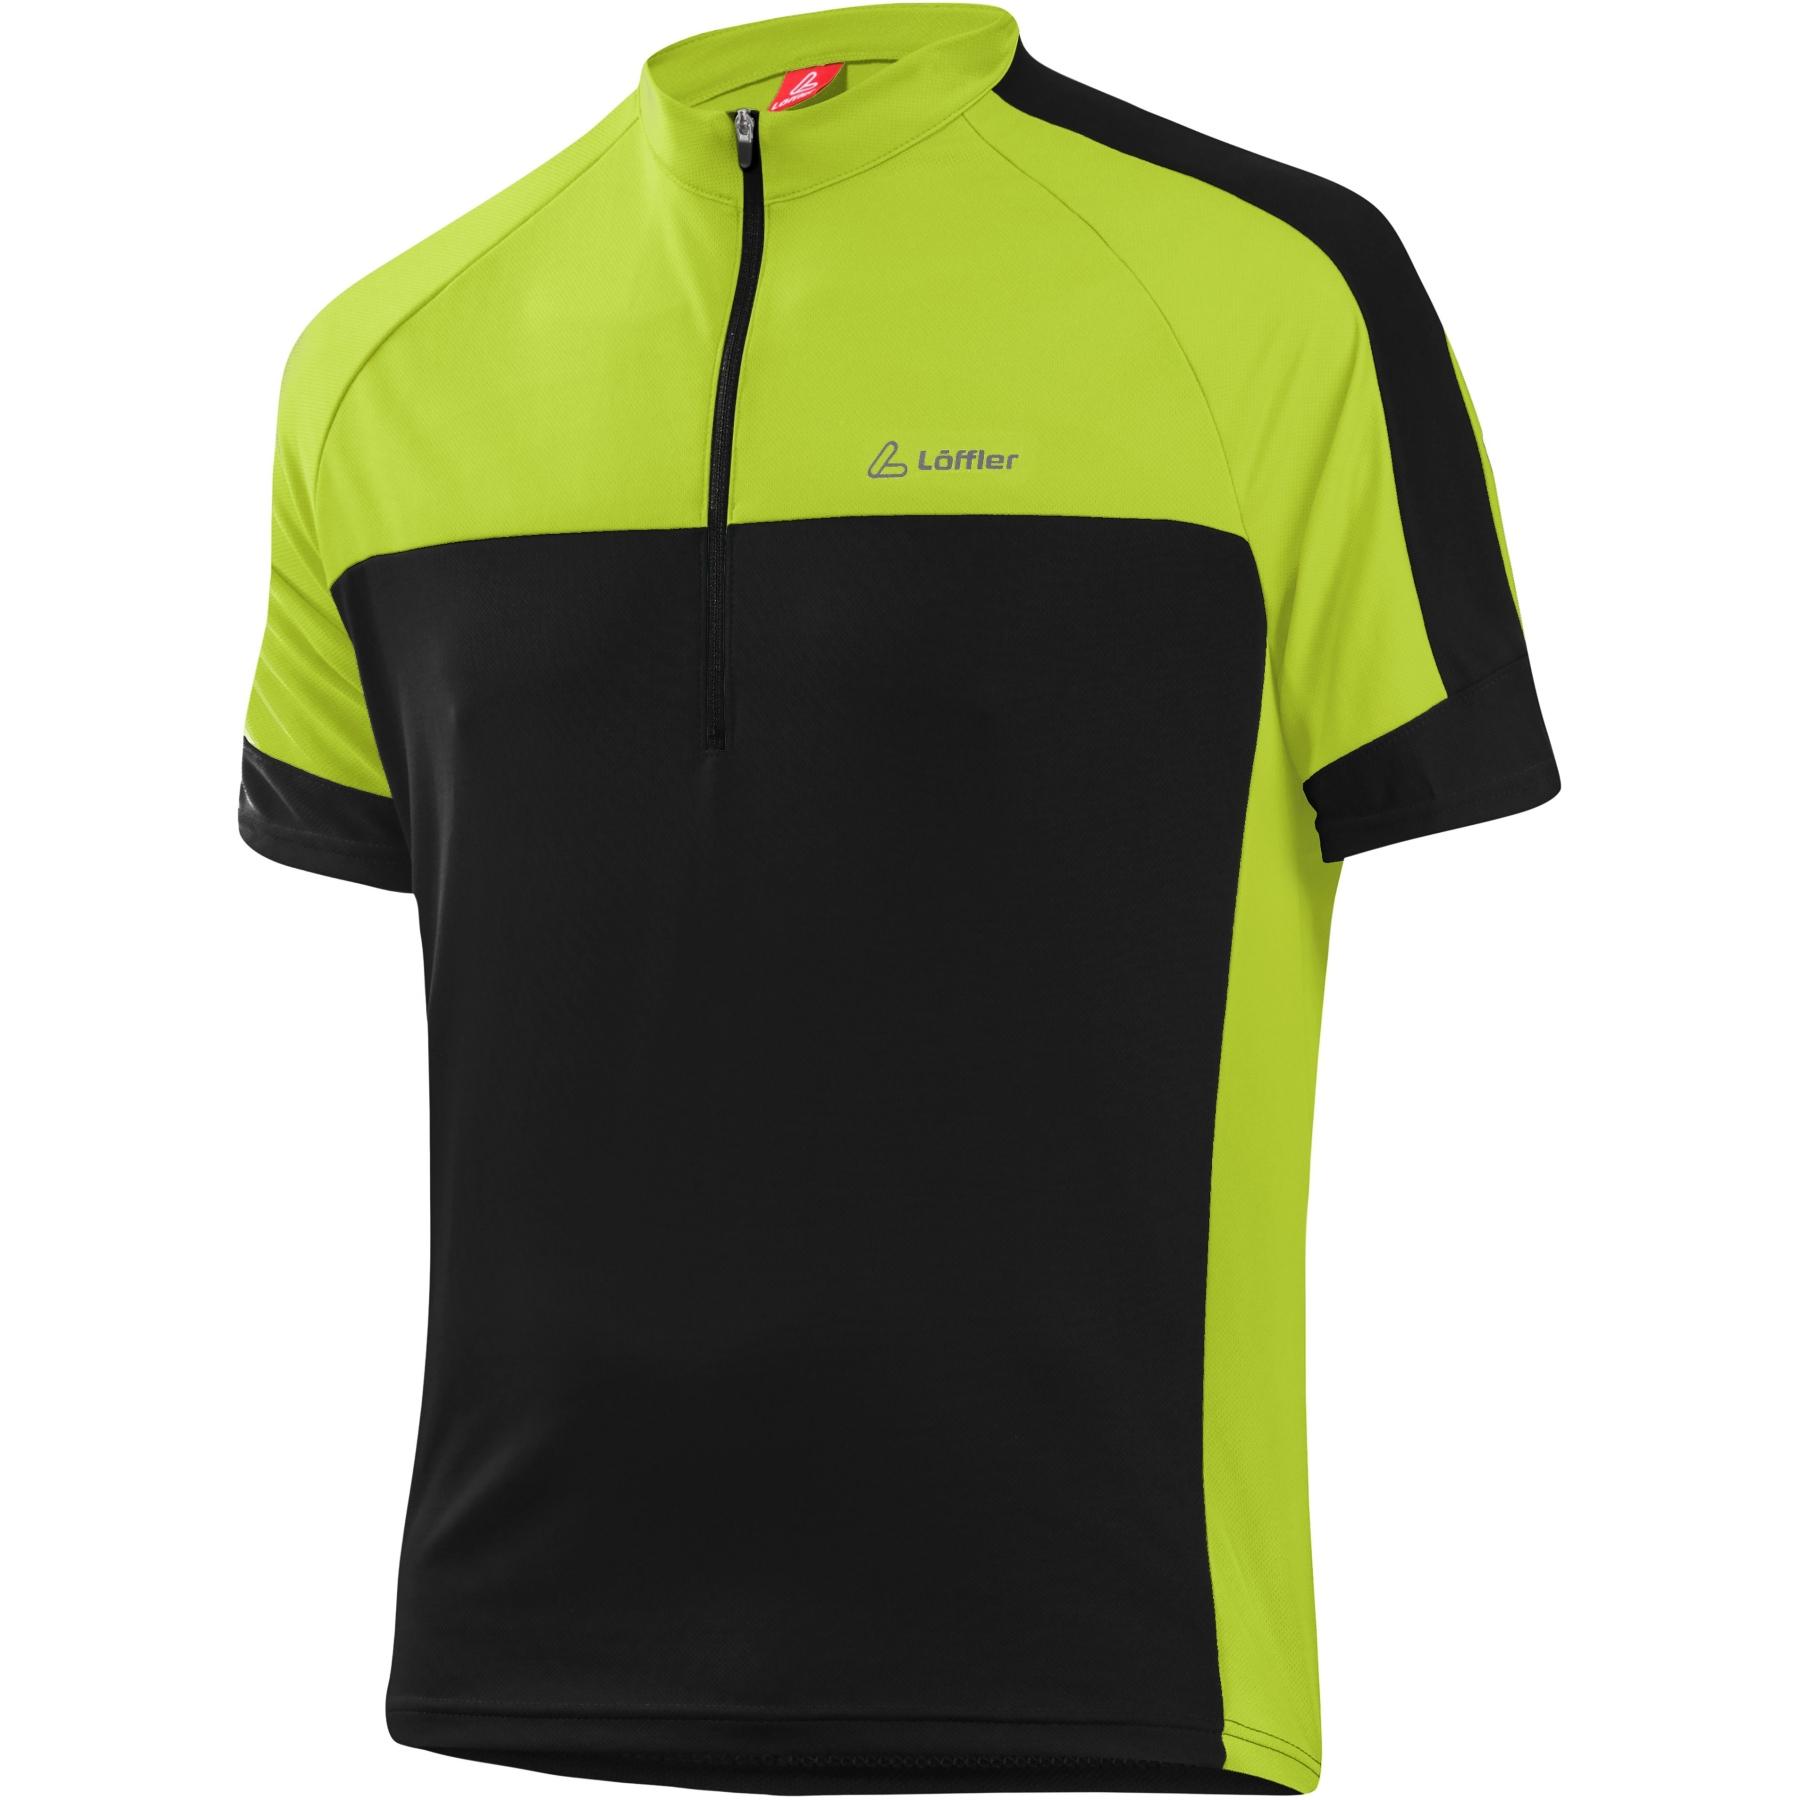 Bild von Löffler Bike Shirt HZ Pace 3.0 23523 - black/light green 993